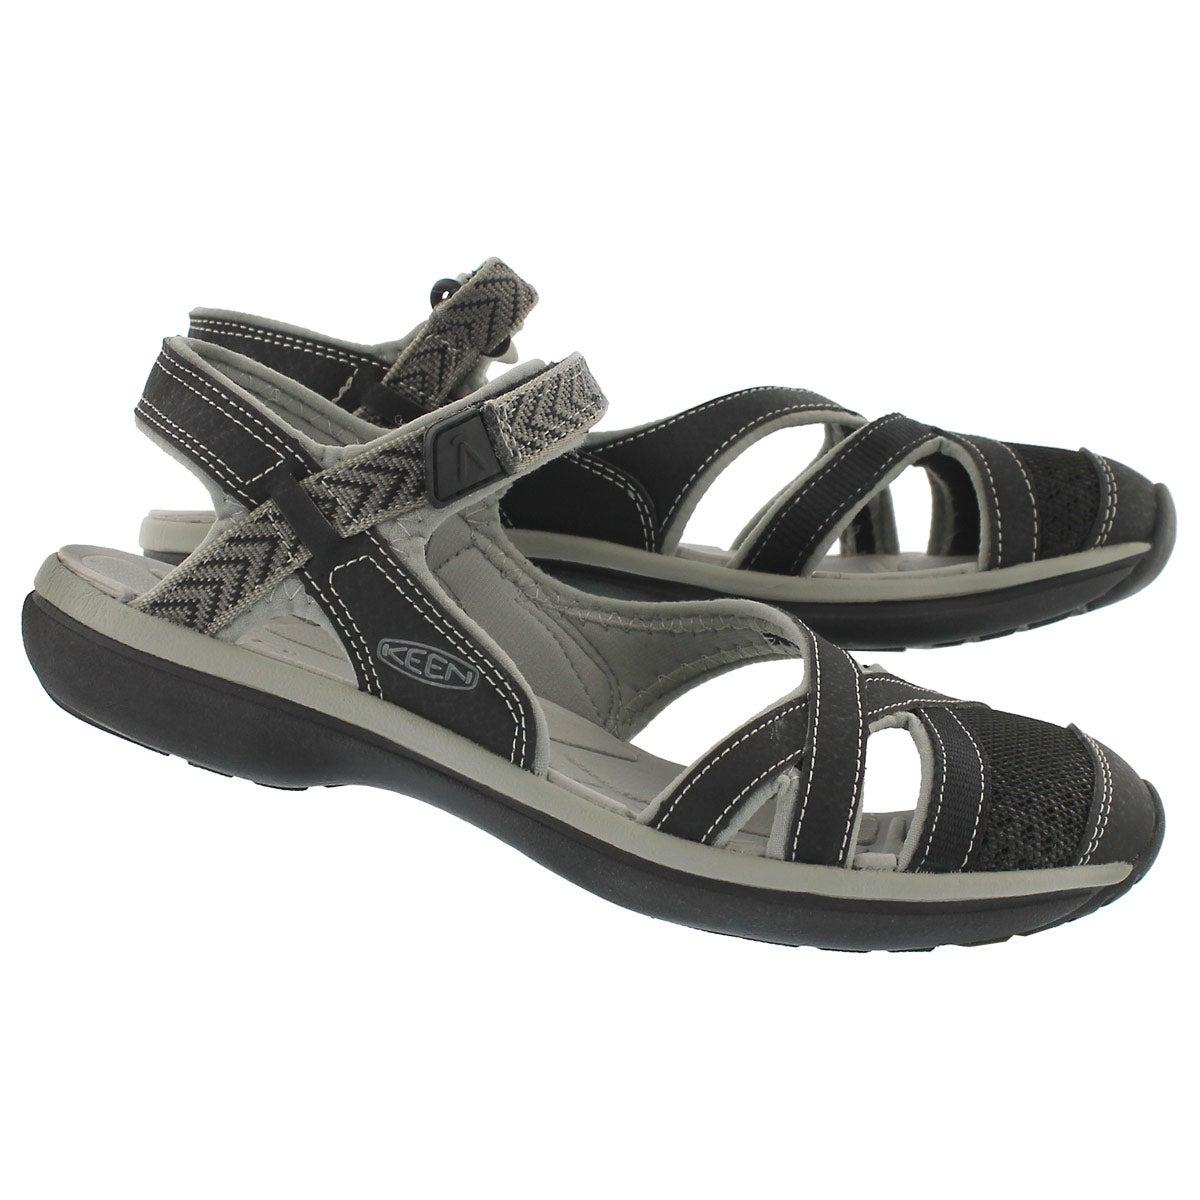 Lds Sage Ankle blk/blk sport sandal